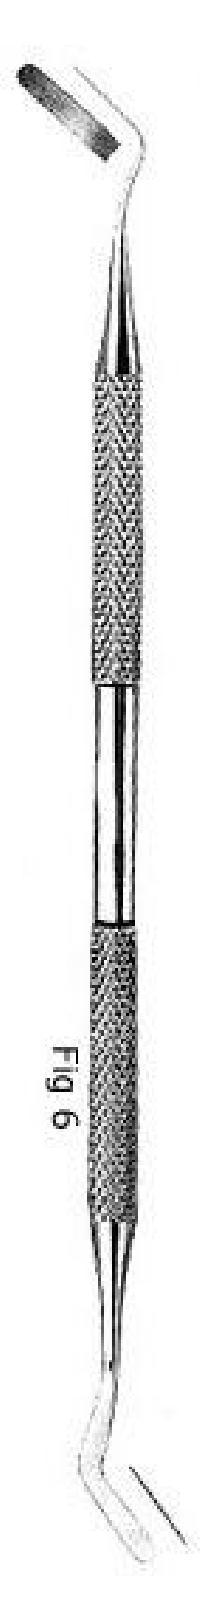 MLS-70-106 Dental Separating Spatula